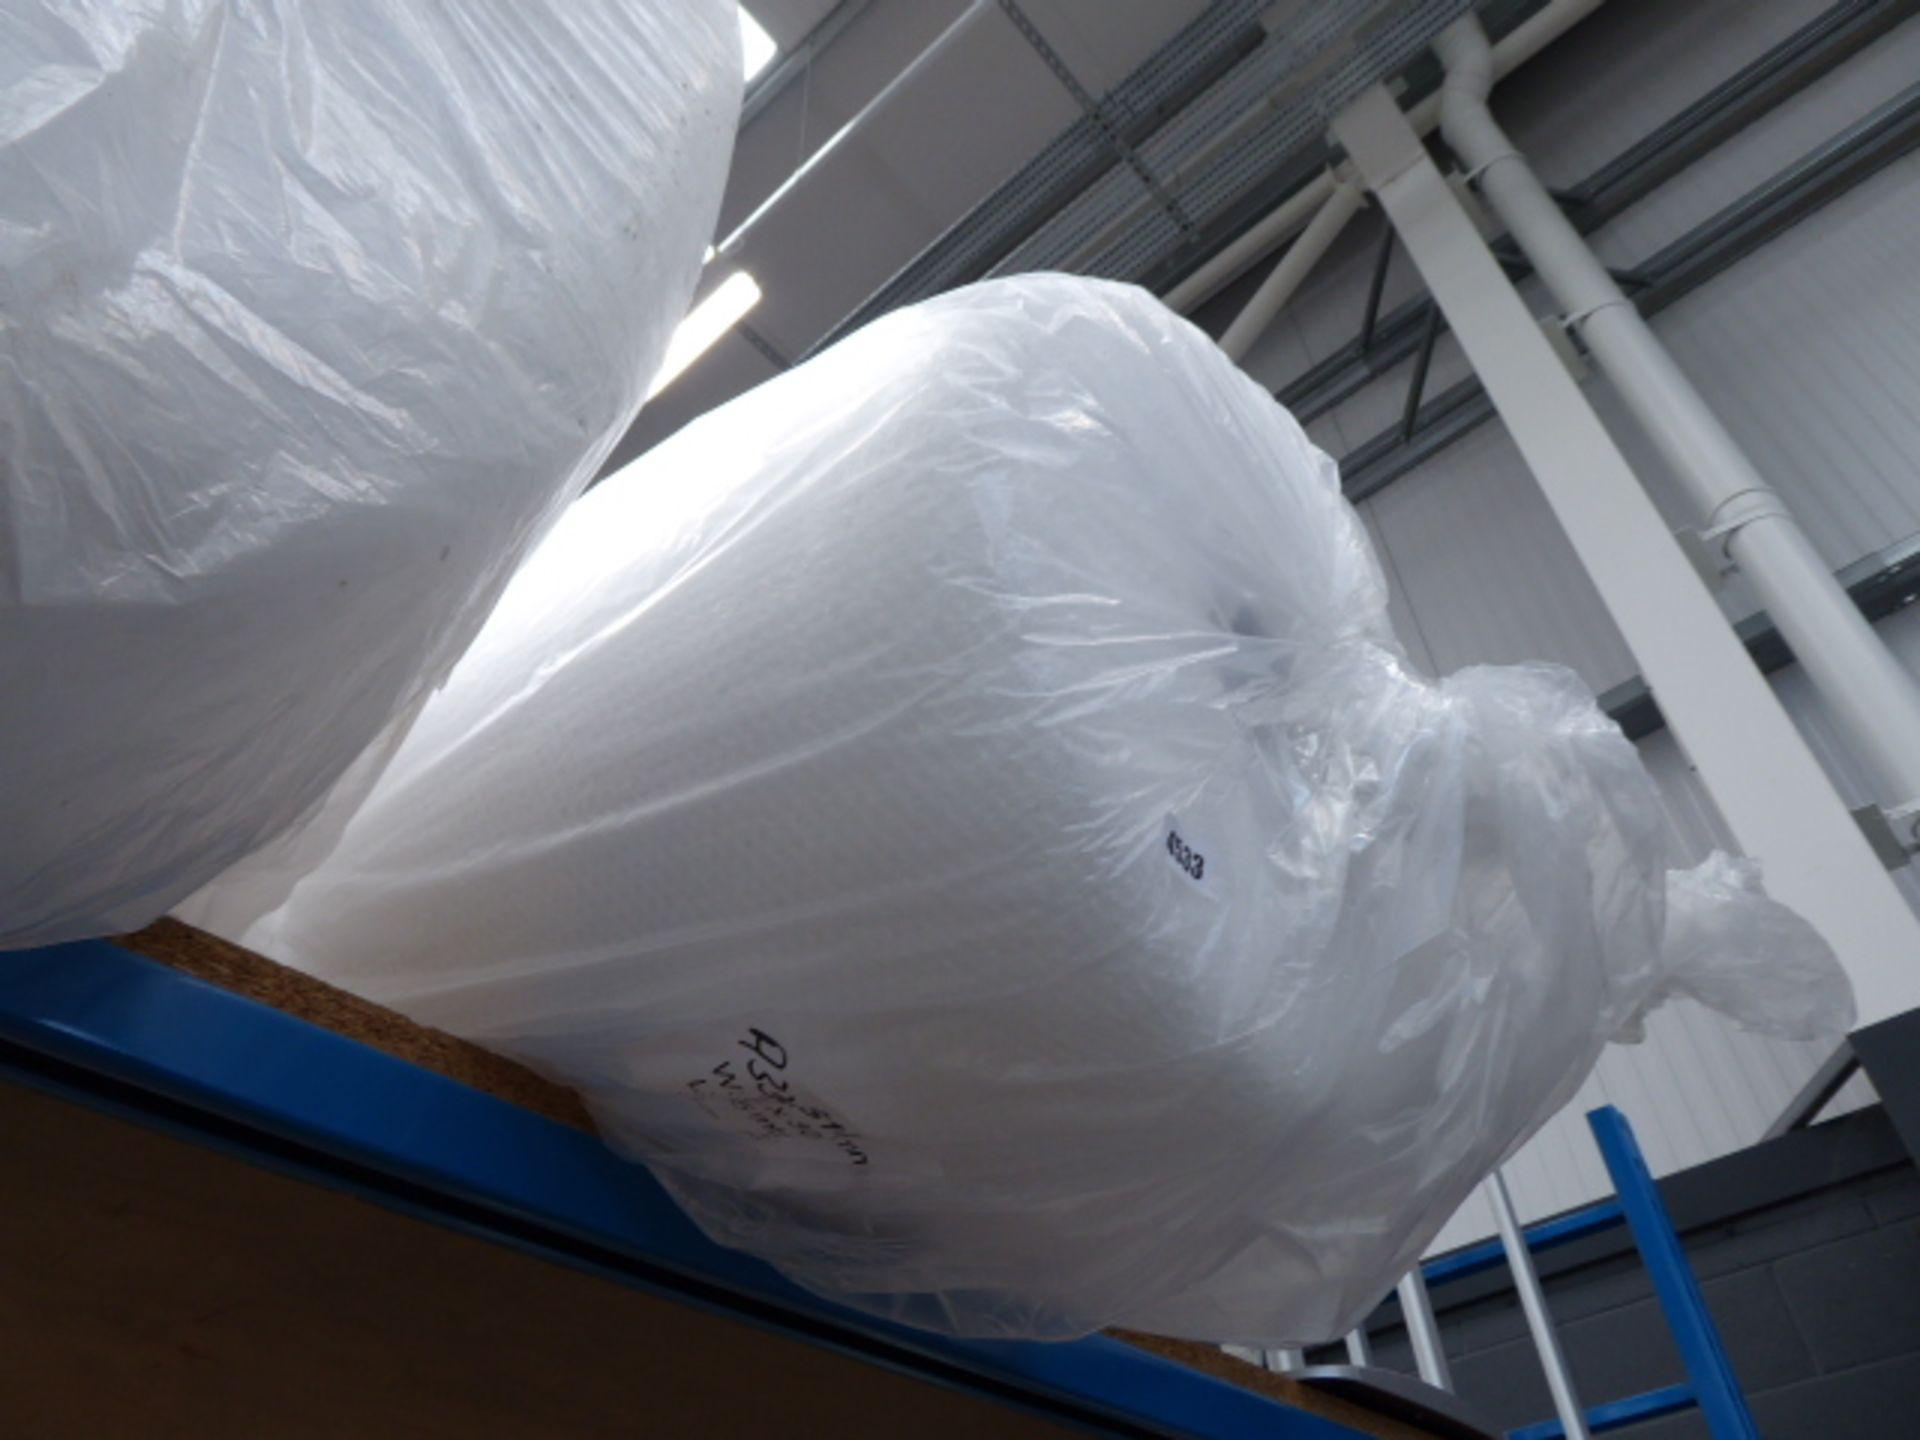 Lot 4533 - Large roll of bubblewrap